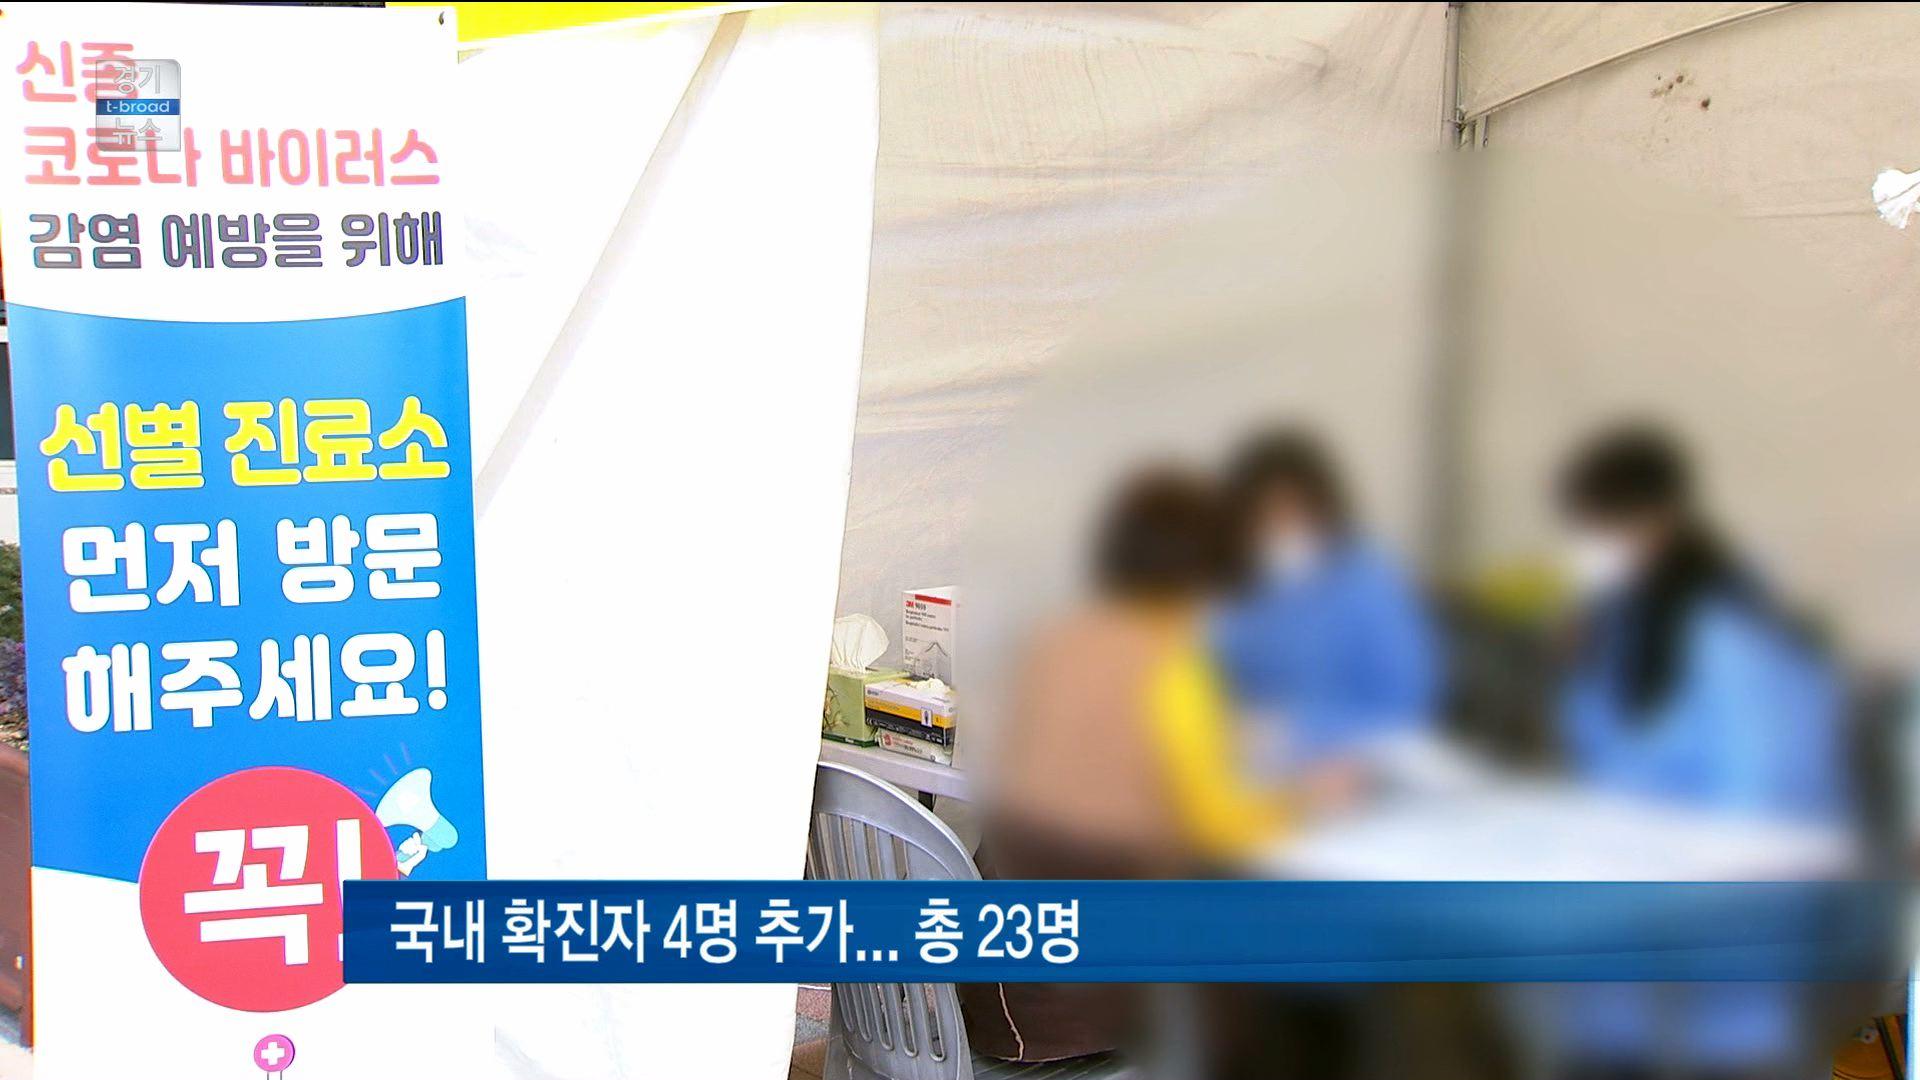 [티브로드][수원]신종 코로나 확진자 수원 1명 추가 '15번째 확진자 친척'